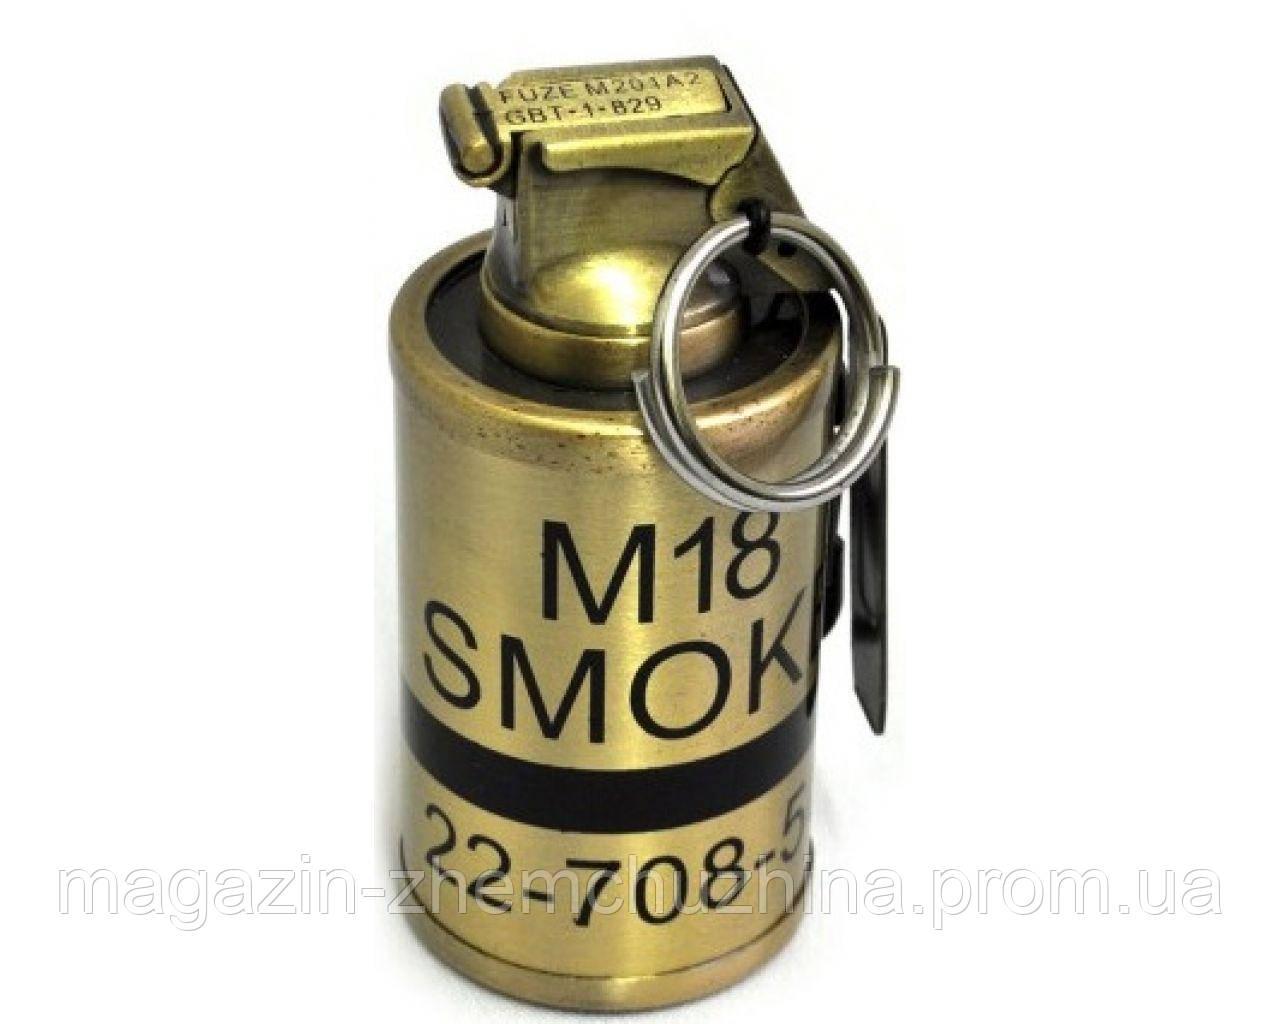 SALE! Зажигалка газовая Граната №3503